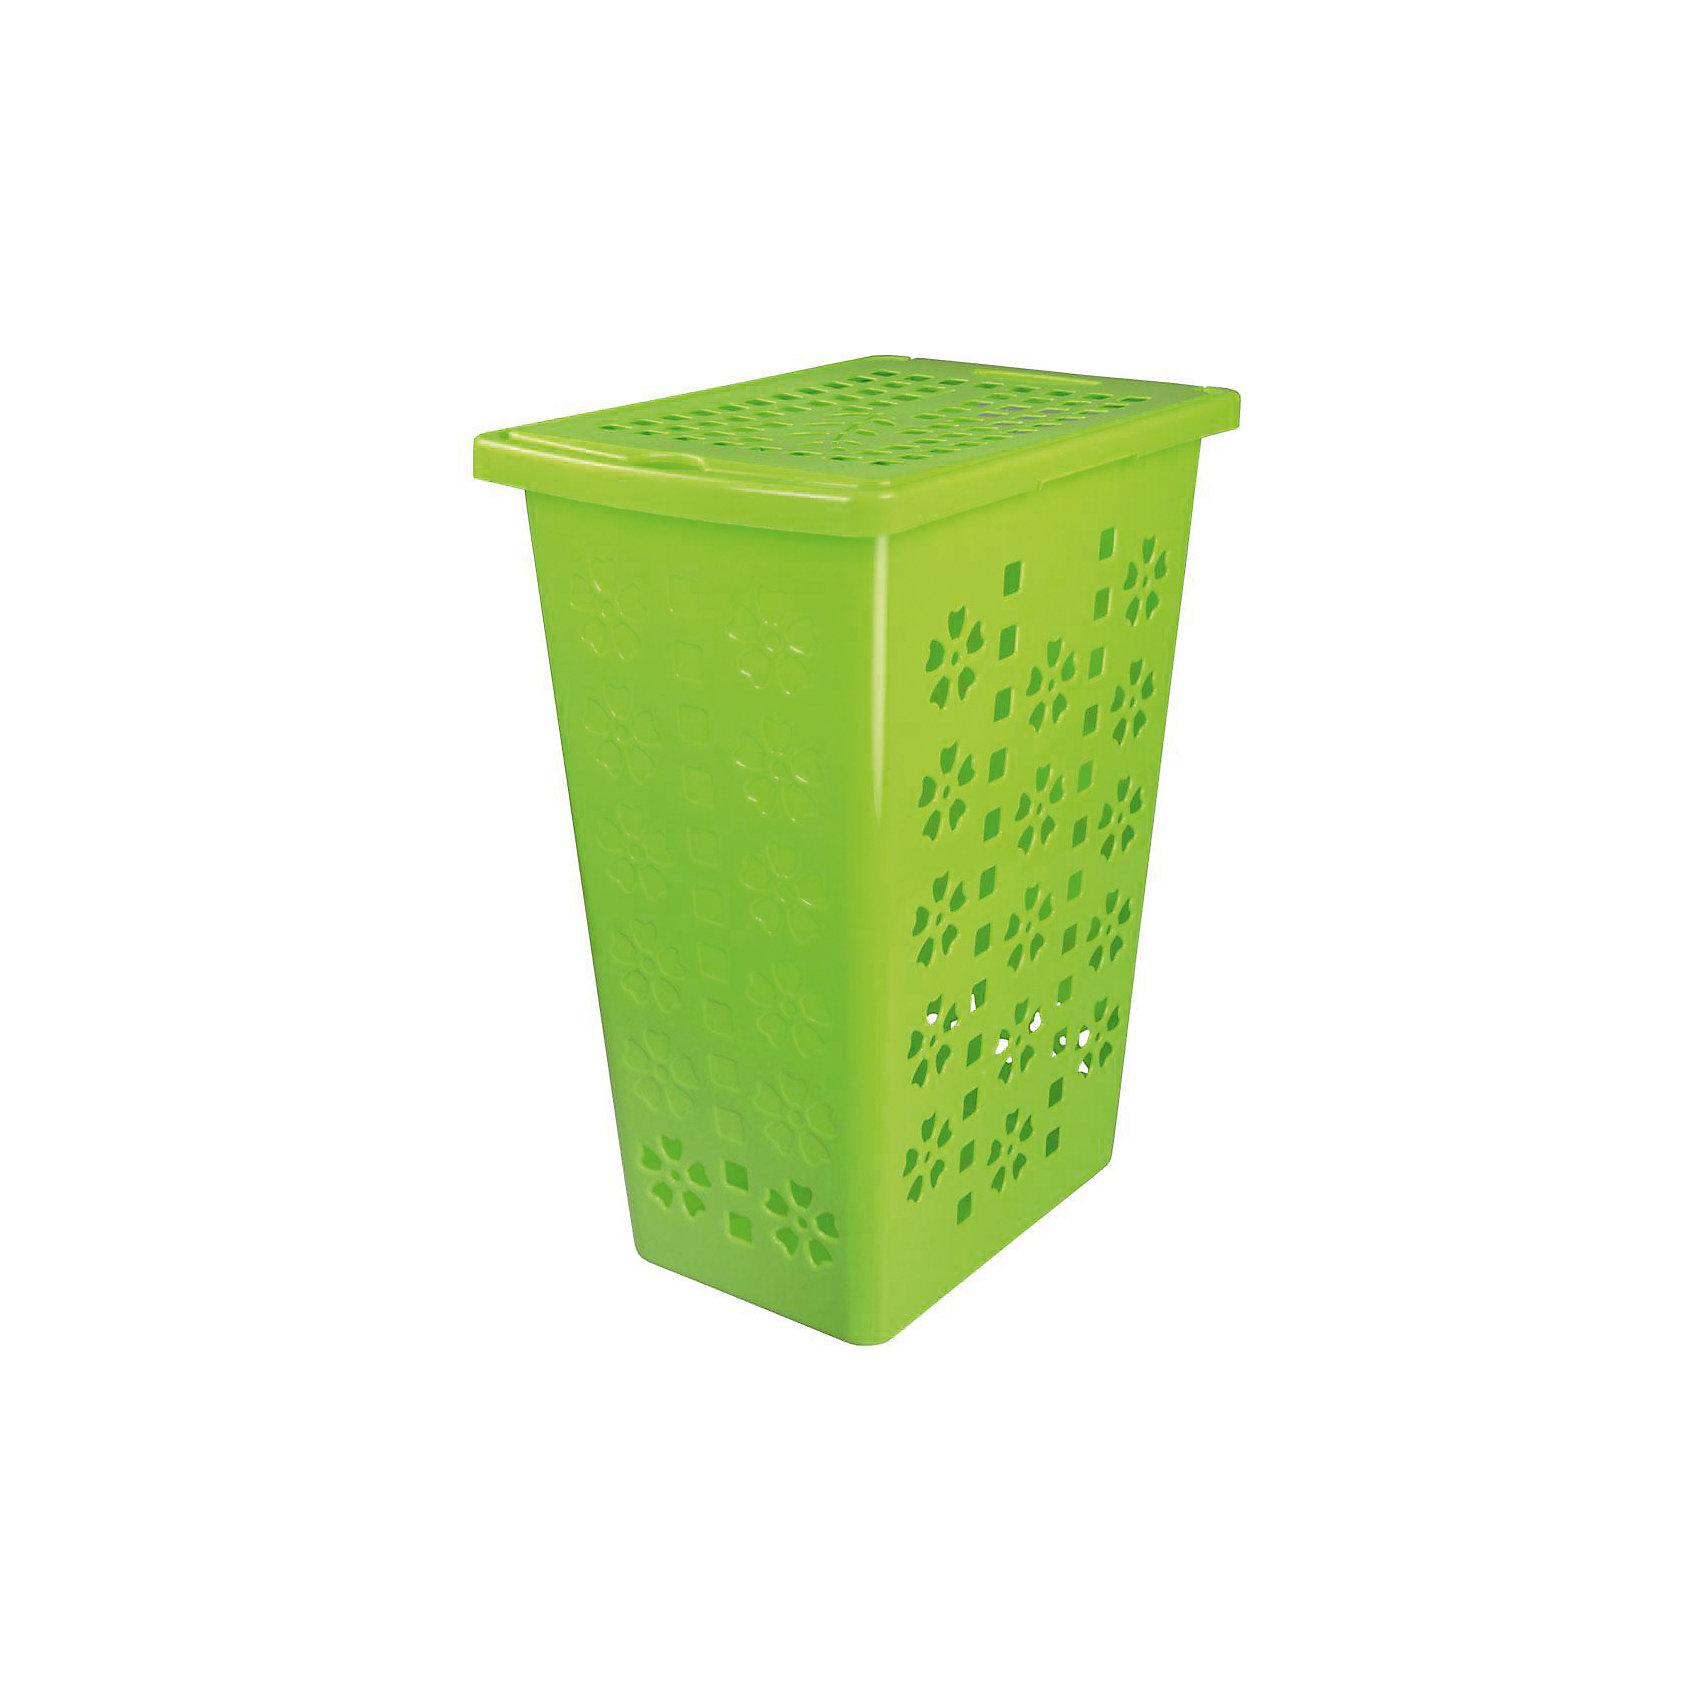 Корзина для белья Виолетта 30л., Alternativa, зелёныйХарактеристики:<br><br>• Предназначение: для белья<br>• Материал: пластик<br>• Цвет: зеленый<br>• Размер (Д*Ш*В): 37,5*25*48 см<br>• Форма: прямоугольный<br>• Объем: 30 л<br>• Наличие крышки<br>• Особенности ухода: разрешается мыть теплой водой<br><br>Корзина для белья Виолетта 30 л., Alternativa, зелёный изготовлена отечественным производителем ООО ЗПИ Альтернатива, который специализируется на выпуске широкого спектра изделий из пластика. Корзина выполнена из экологически безопасного пластика, устойчивого к механическим повреждениям, корпус оформлен цветочным рисунком, по центру имеются отверстия в форме цветов, которые обеспечивают циркуляцию воздуха, в комплекте предусмотрена крышка. Изделие имеет удобную форму, достаточно легкое в уходе. Корзину для белья Виолетта 30 л., Alternativa, зелёную можно использовать не только для белья, но и для хранения игрушек.<br><br>Корзину для белья Виолетта 30 л., Alternativa, зелёную можно купить в нашем интернет-магазине.<br><br>Ширина мм: 375<br>Глубина мм: 250<br>Высота мм: 480<br>Вес г: 791<br>Возраст от месяцев: 6<br>Возраст до месяцев: 588<br>Пол: Унисекс<br>Возраст: Детский<br>SKU: 5096615